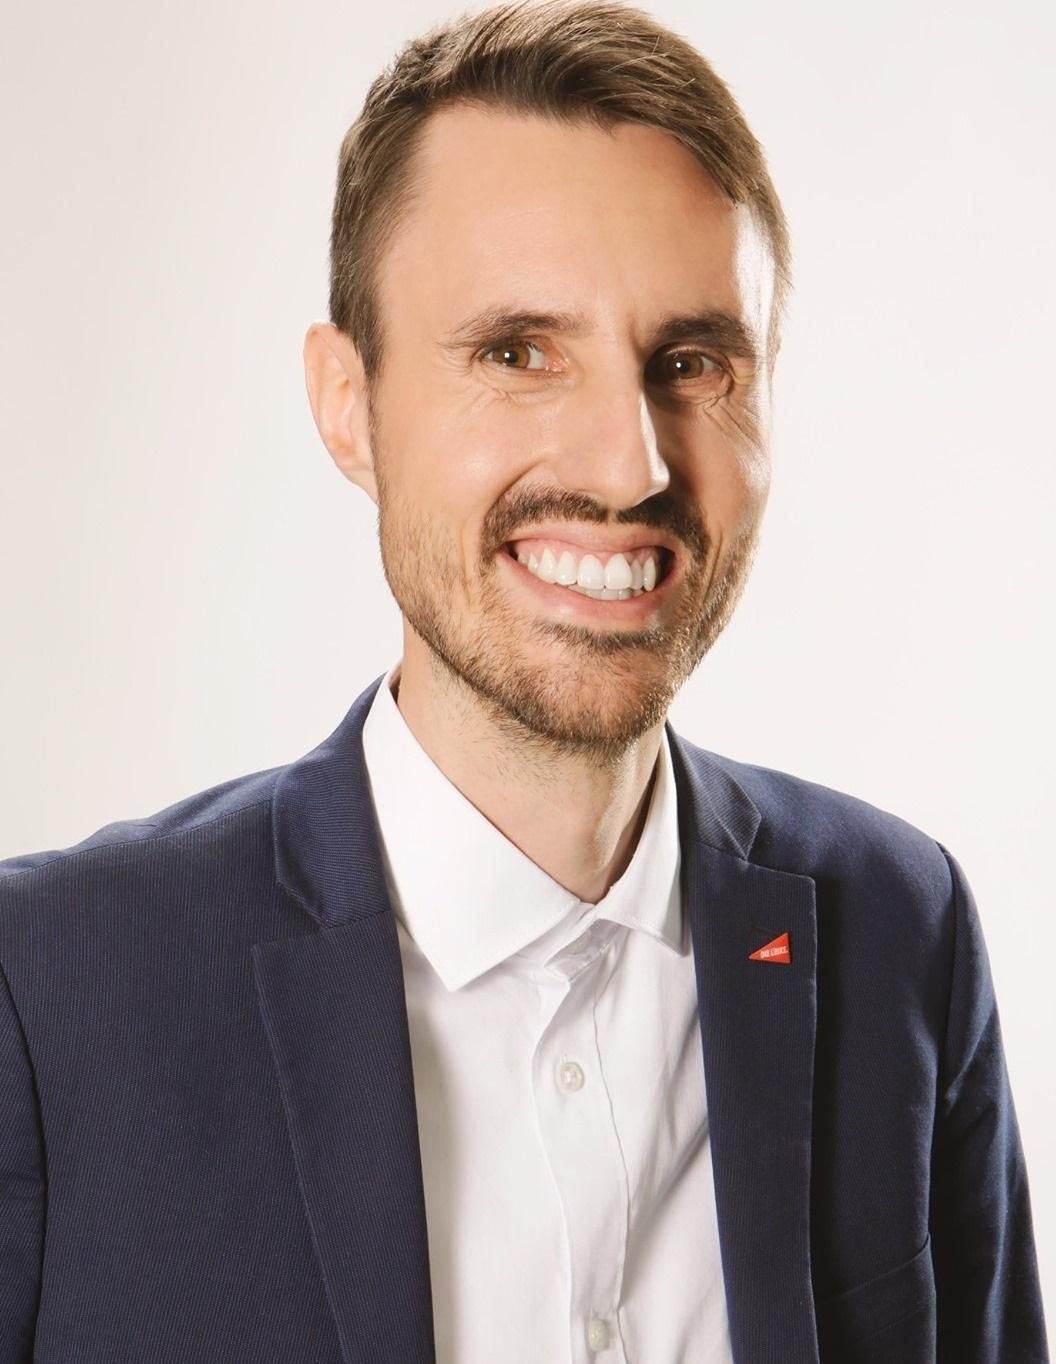 Direktkandidat für Wahlkreis 245 (Nürnberg-Nord):Titus Schüller